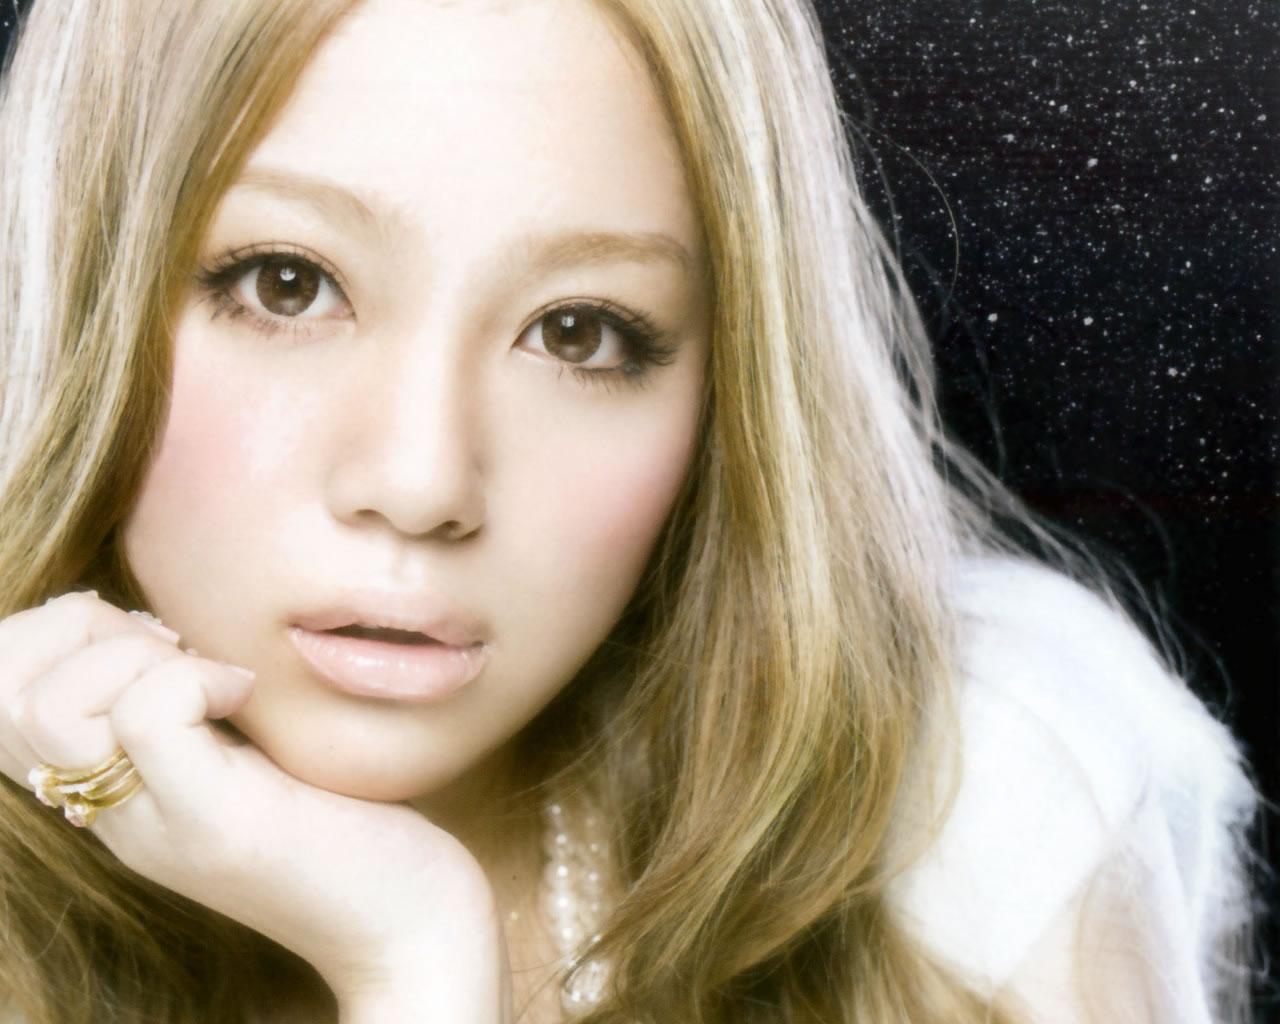 kana kawaii nishino 5e - photo #19